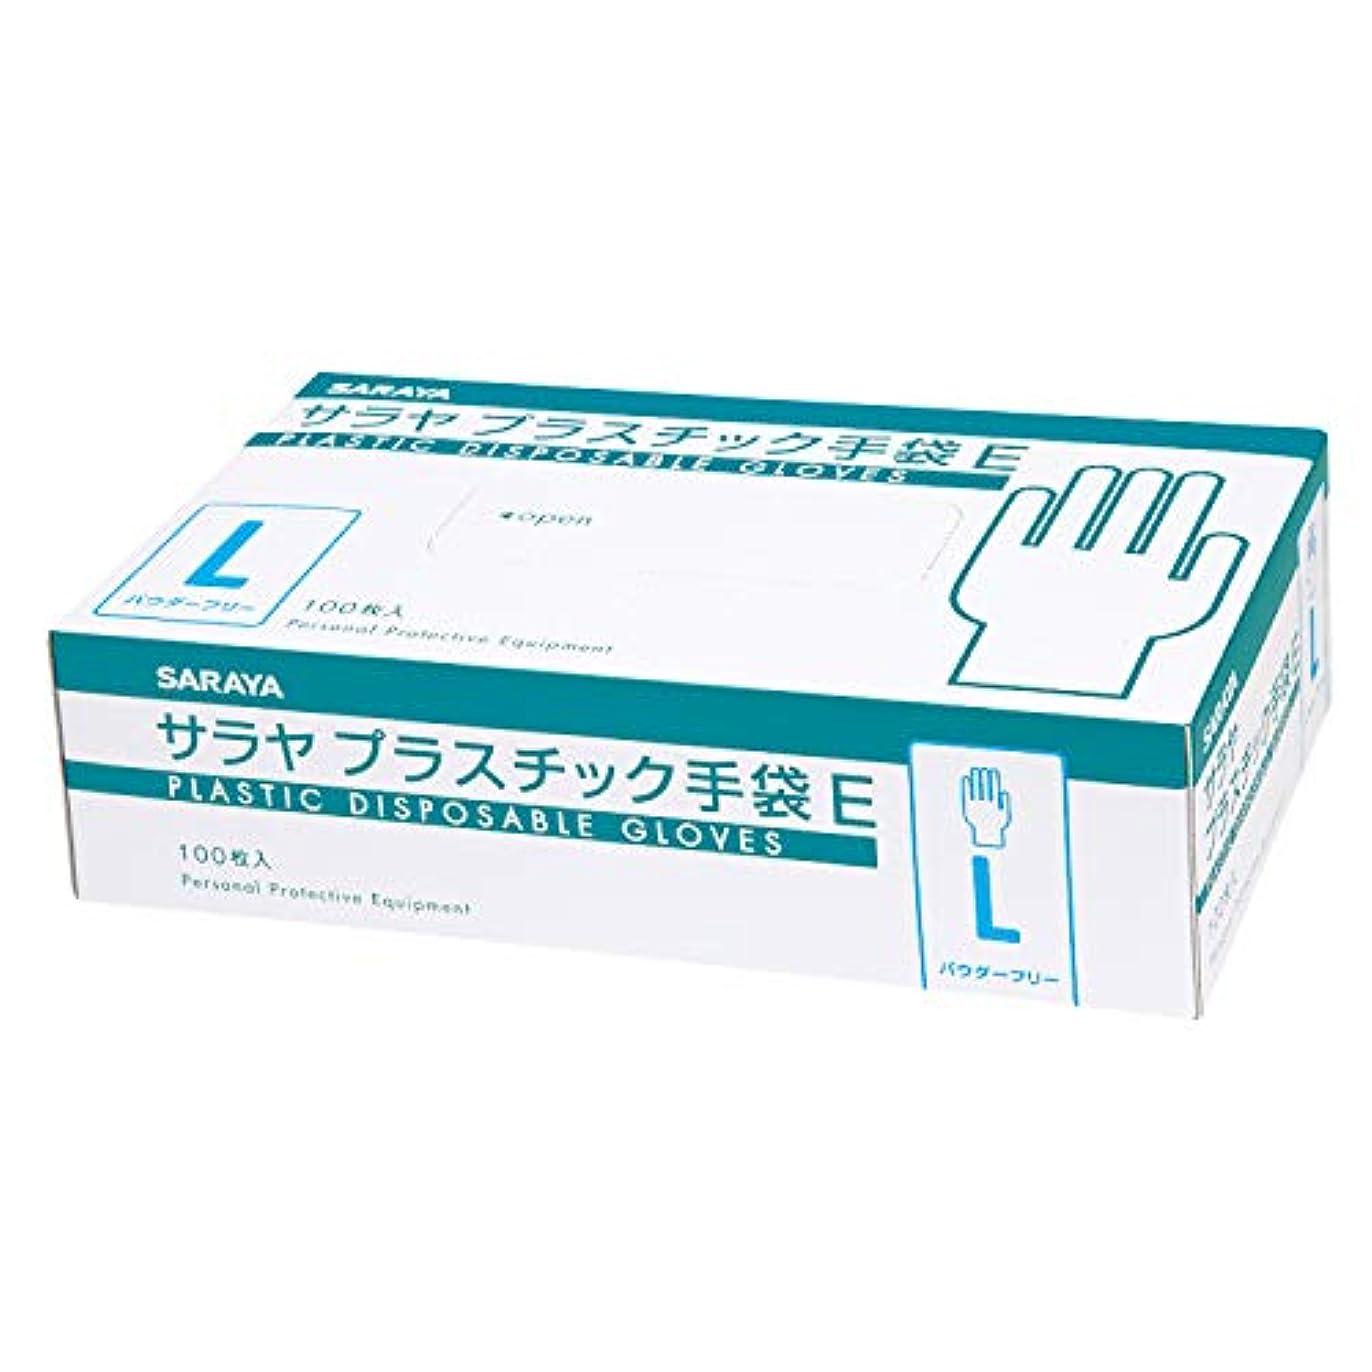 標準最適罰サラヤ 使い捨て手袋 プラスチック手袋E 粉なし Lサイズ 100枚入